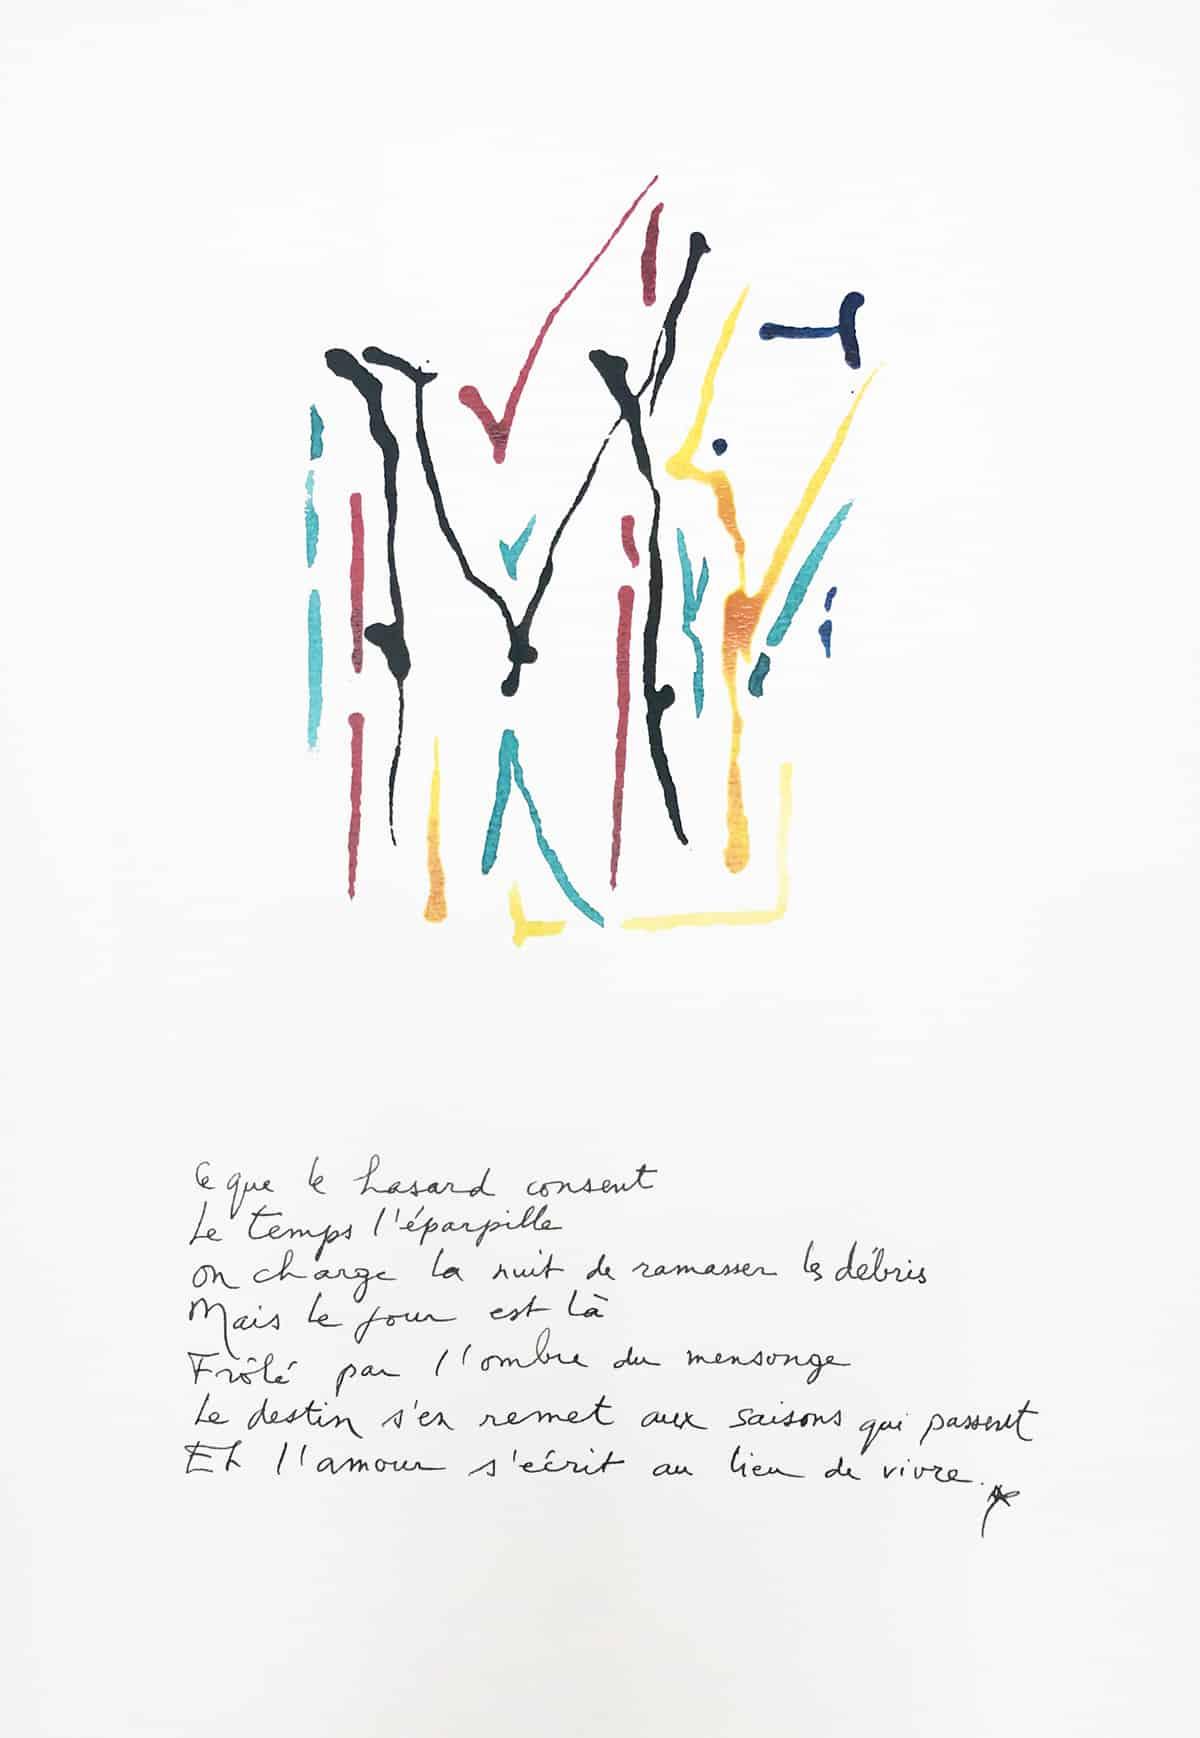 Ce que le hasard consent, le temps l'éparpille, 2019 Dessin à l'encre, 35,5 x 50 cm ©Tahar Ben Jelloun